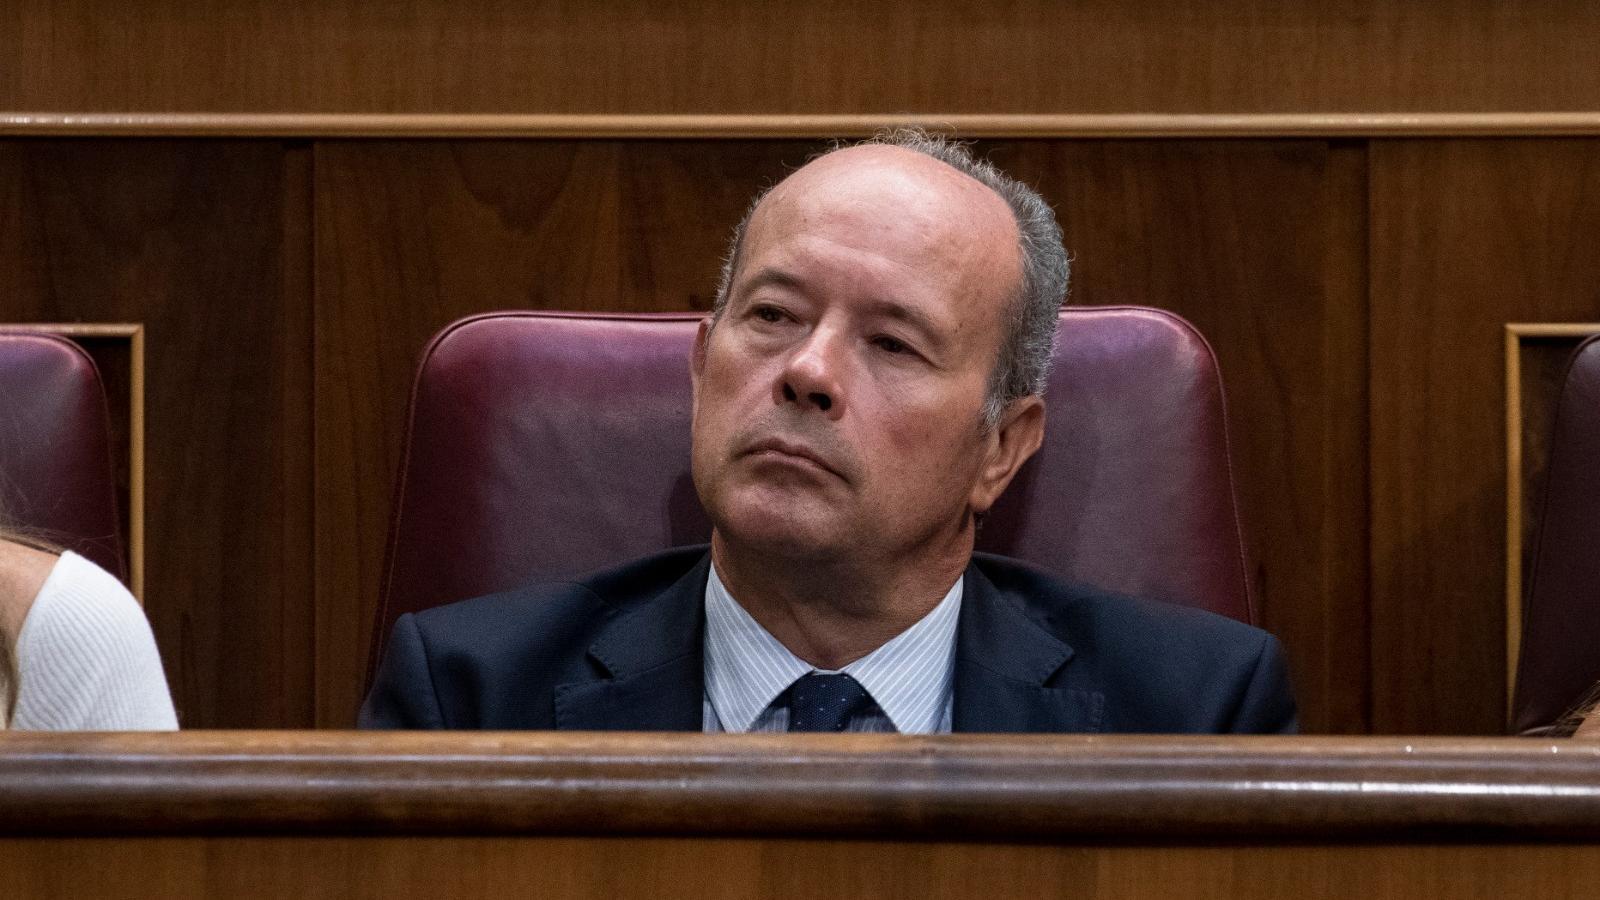 El jutge Juan Carlos Campo serà el nou ministre de Justícia i completa l'equip de Sánchez